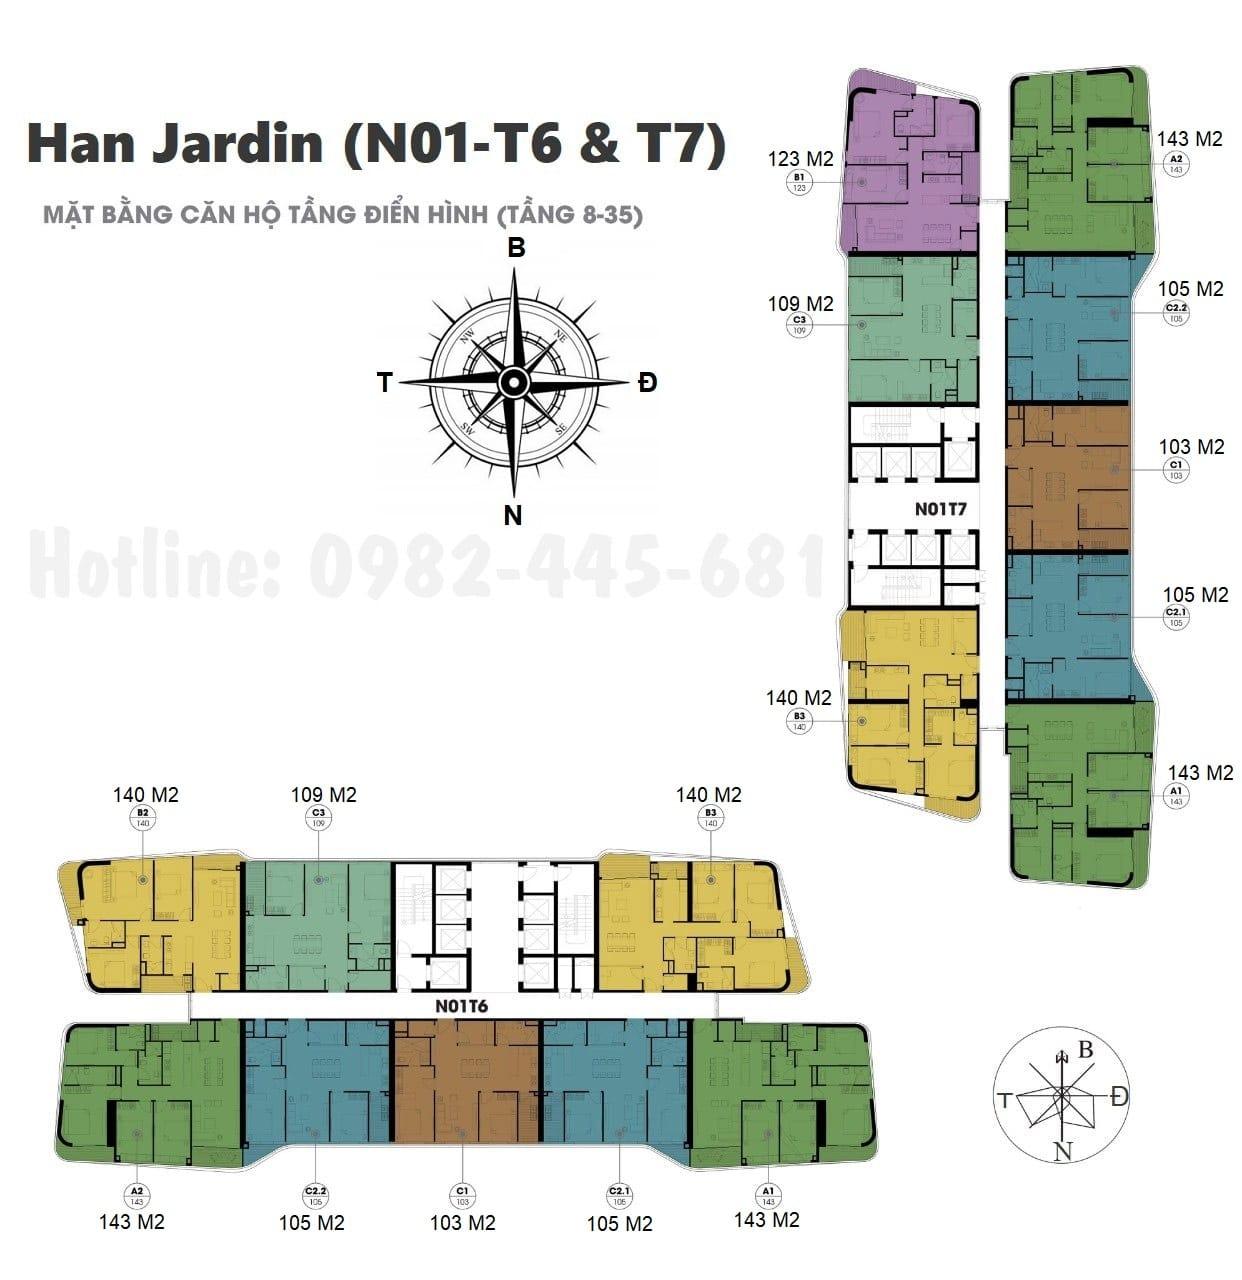 mặt bằng chung cư n01 t6 t7 ngoại giao đoàn